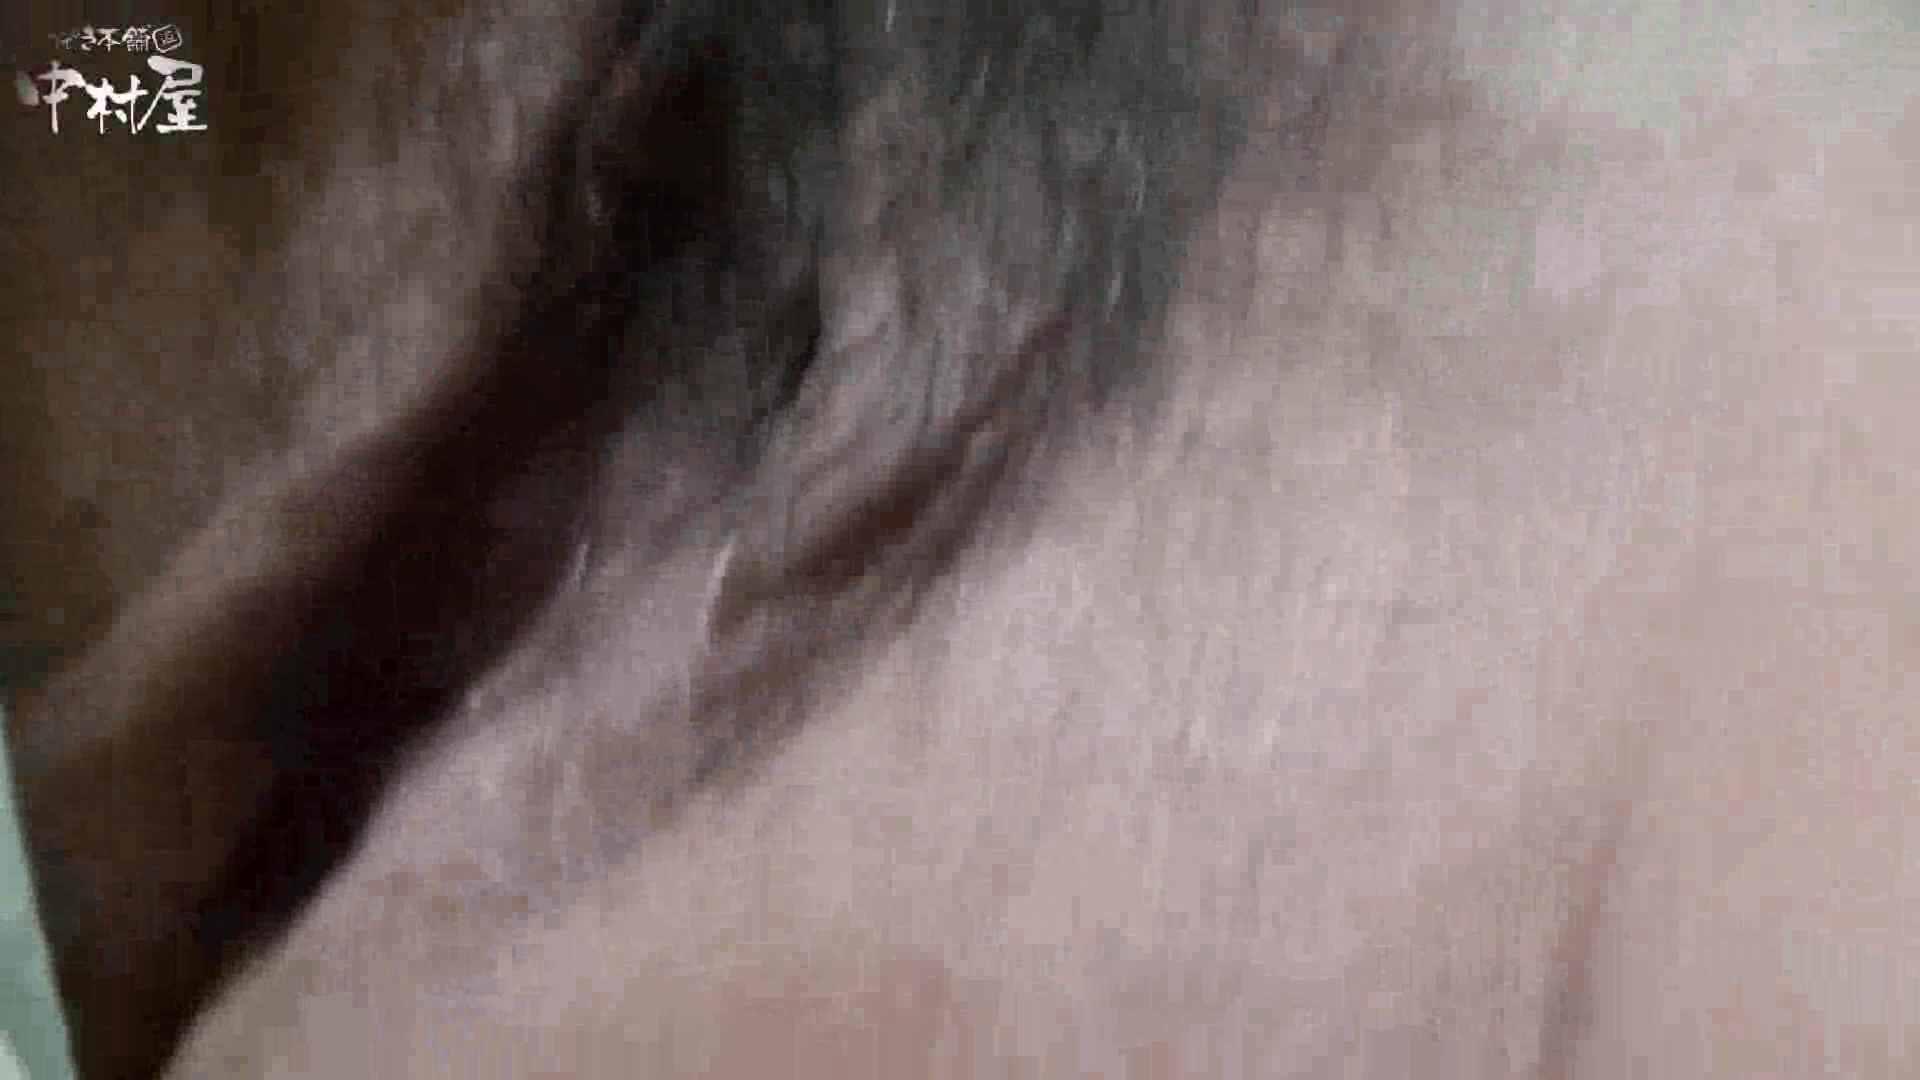 ネムリ姫 vol.42 後編 ギャルのおっぱい 隠し撮りオマンコ動画紹介 62連発 60